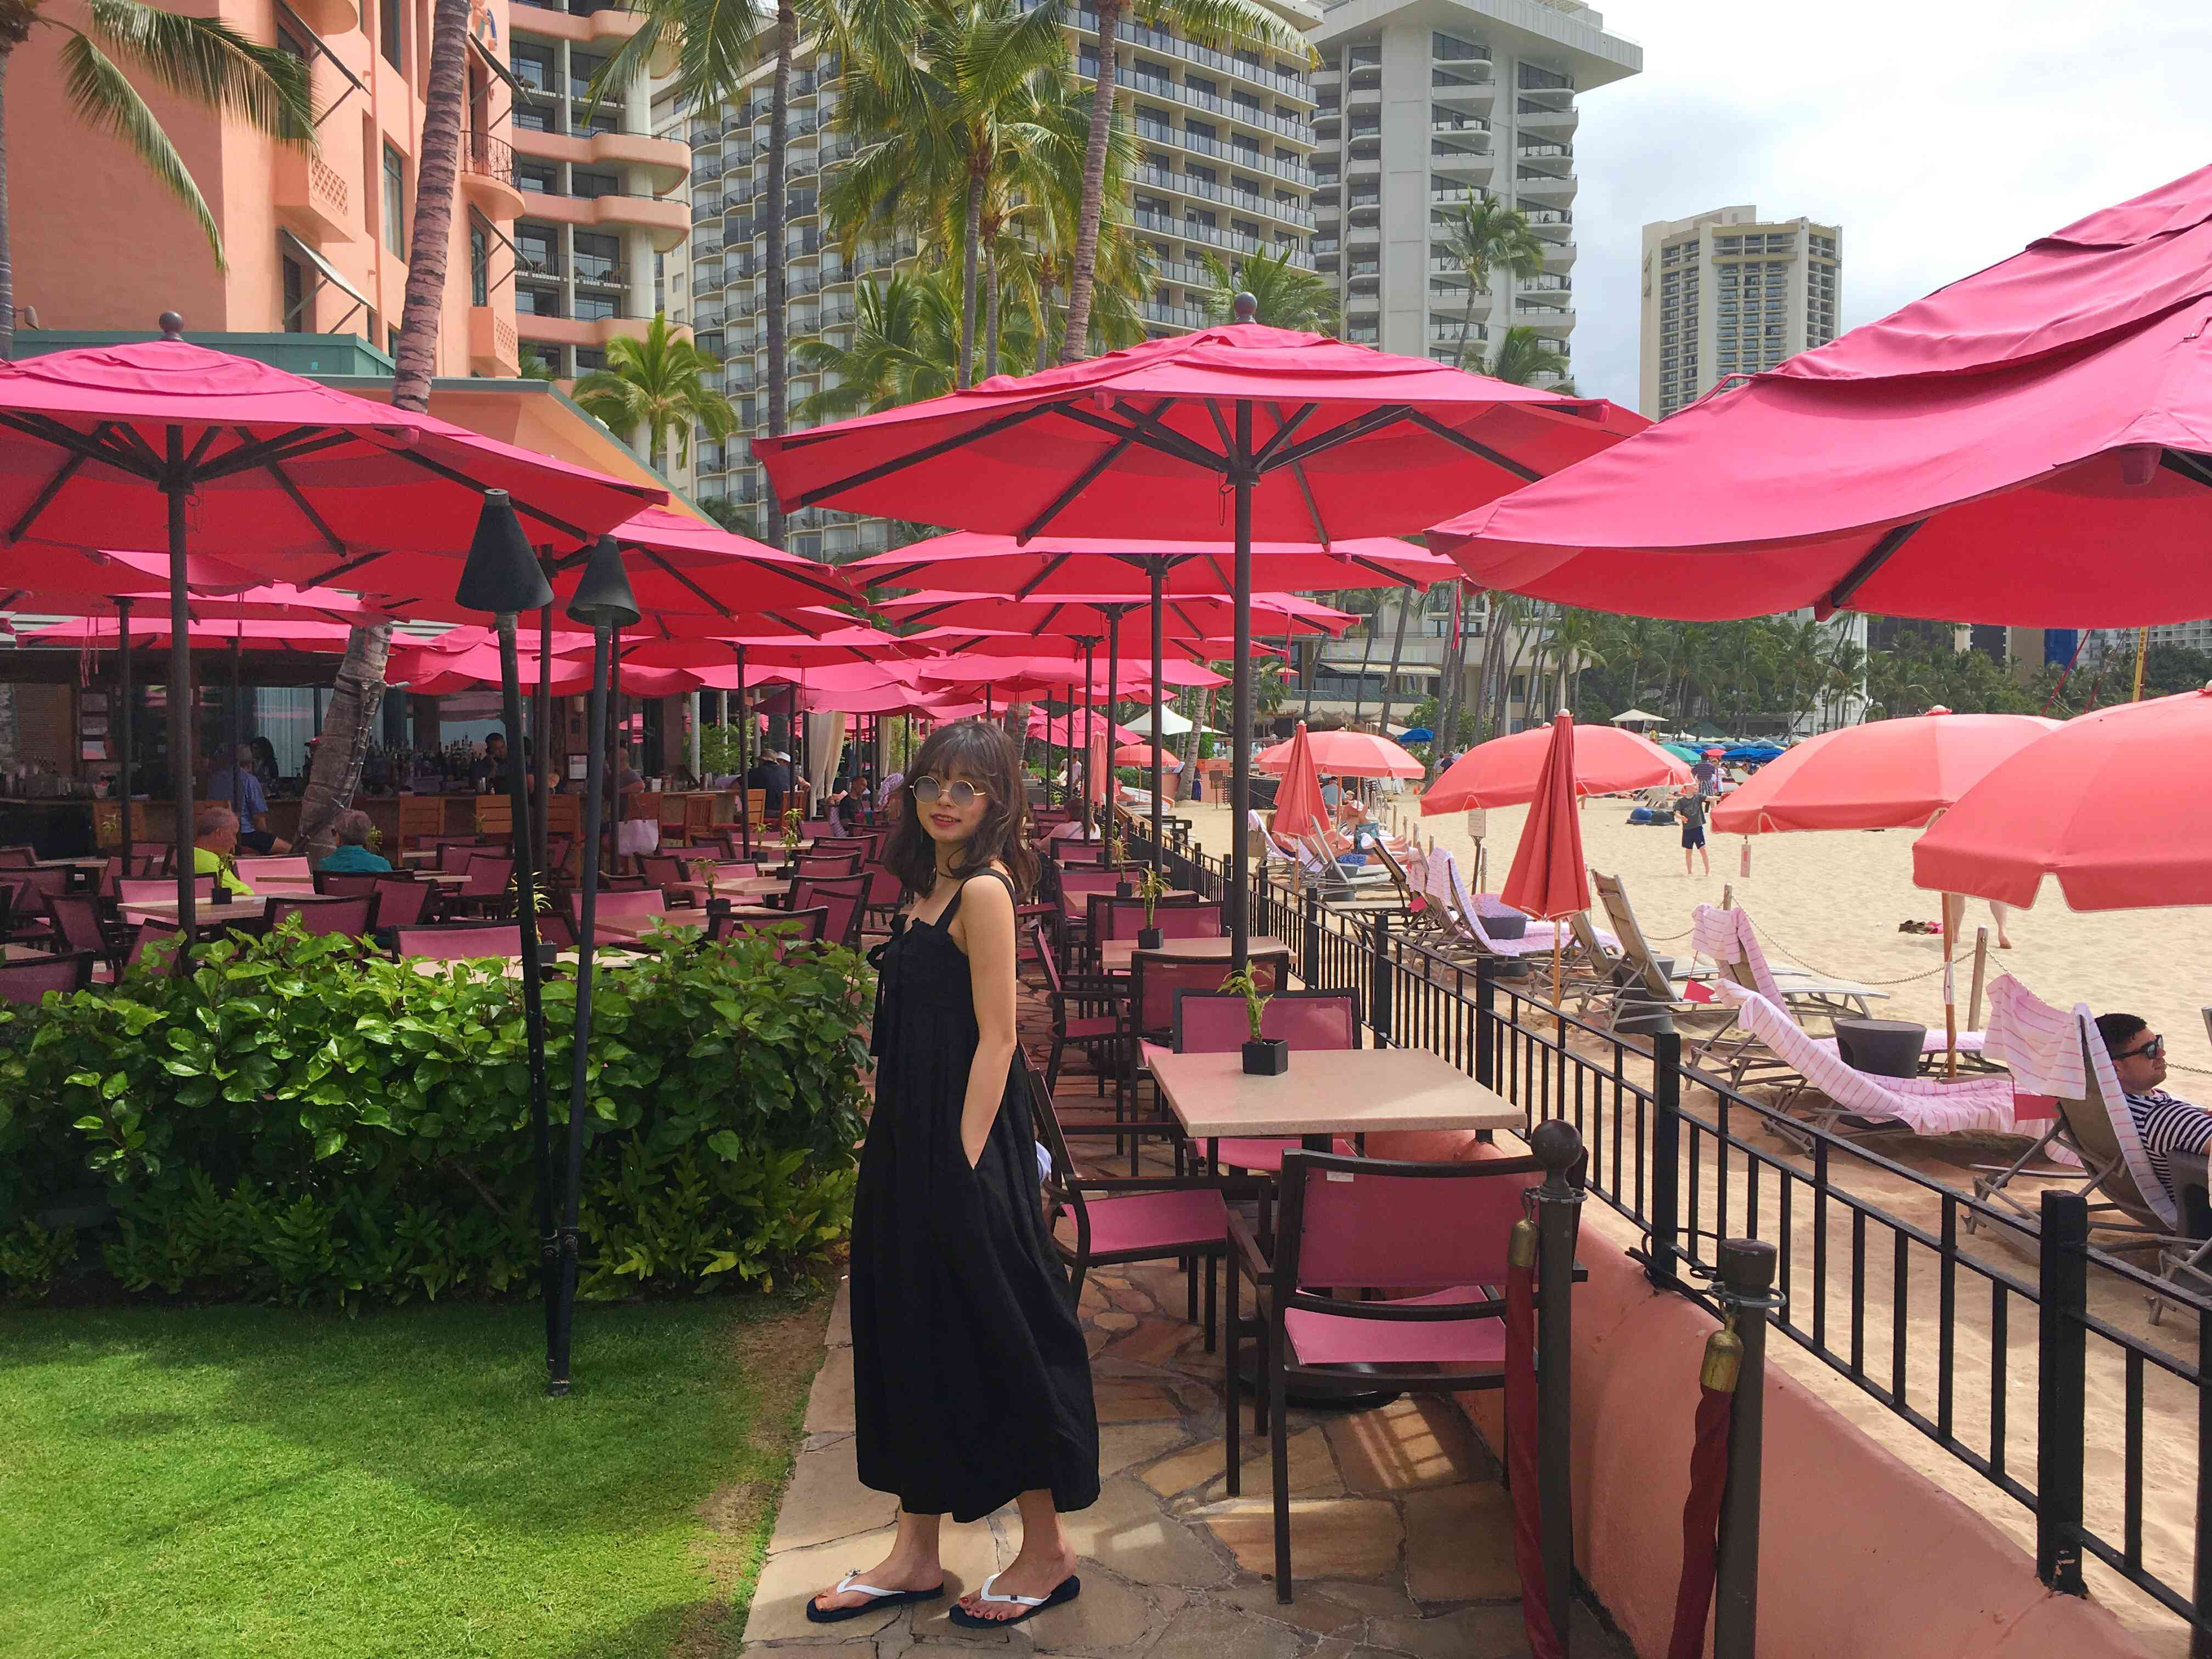 ハワイ ロイヤルハワイアンホテル サーフラナイのピンクパンケーキ_1_2